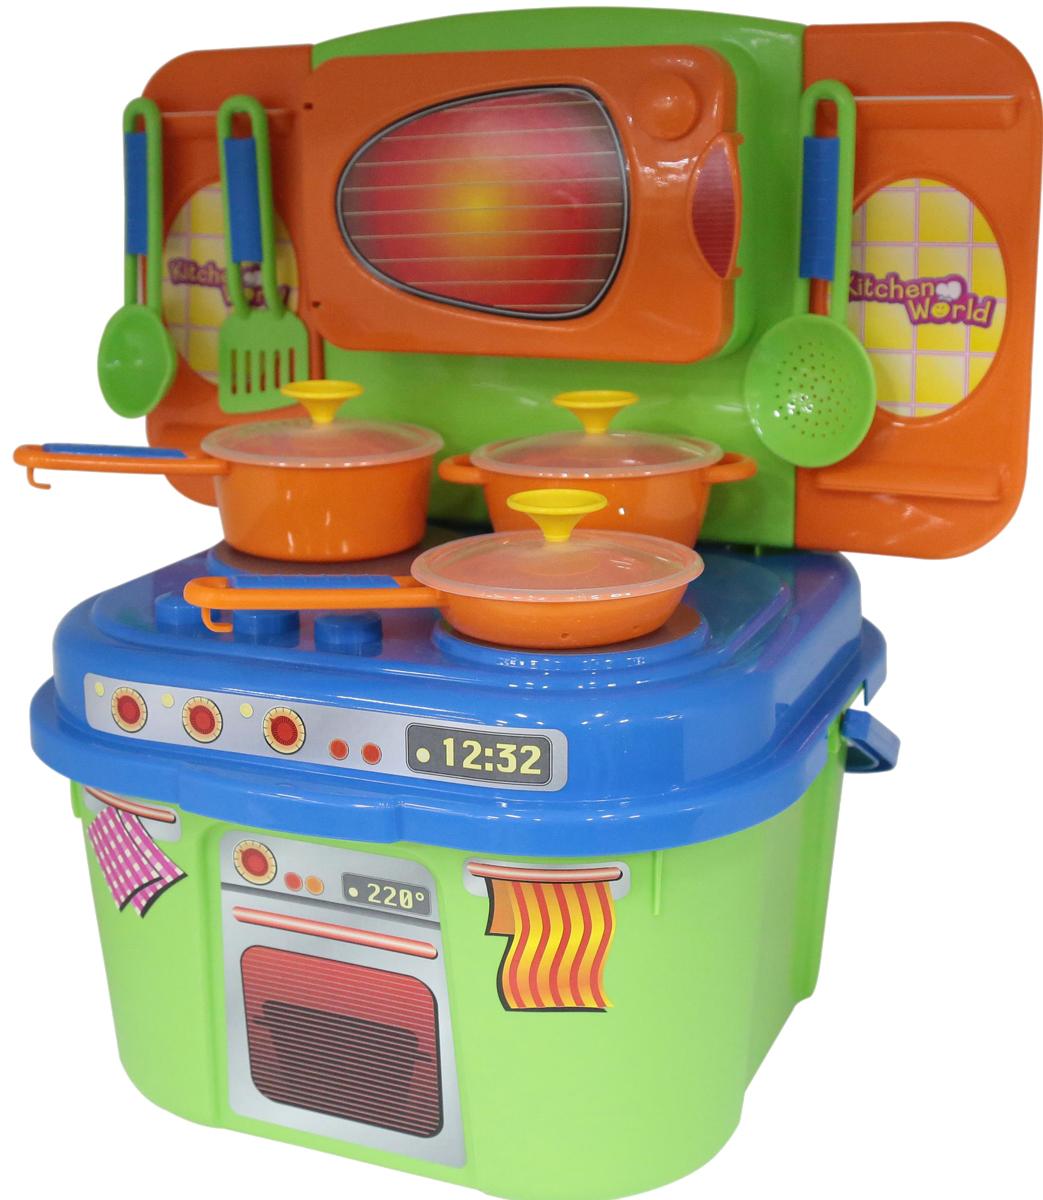 Полесье Игровой набор Мини-кухня, цвет в ассортименте полесье игровой набор чистюля мини в ассортименте